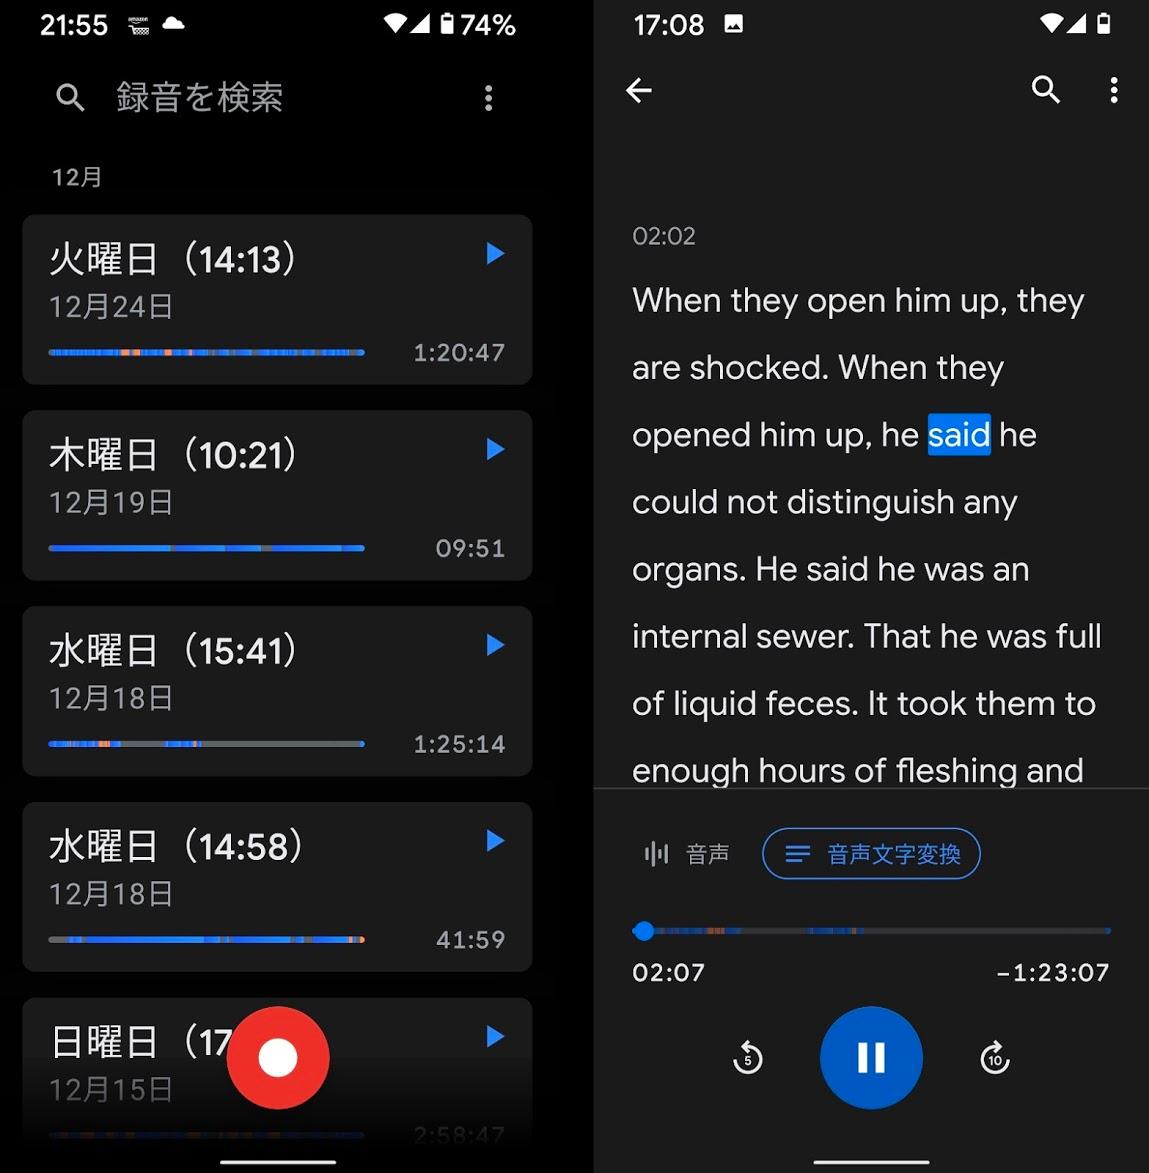 音声 録音 アプリ Windows 10 の「ボイスレコーダー」を使い、音声や音楽の録音を行う方法